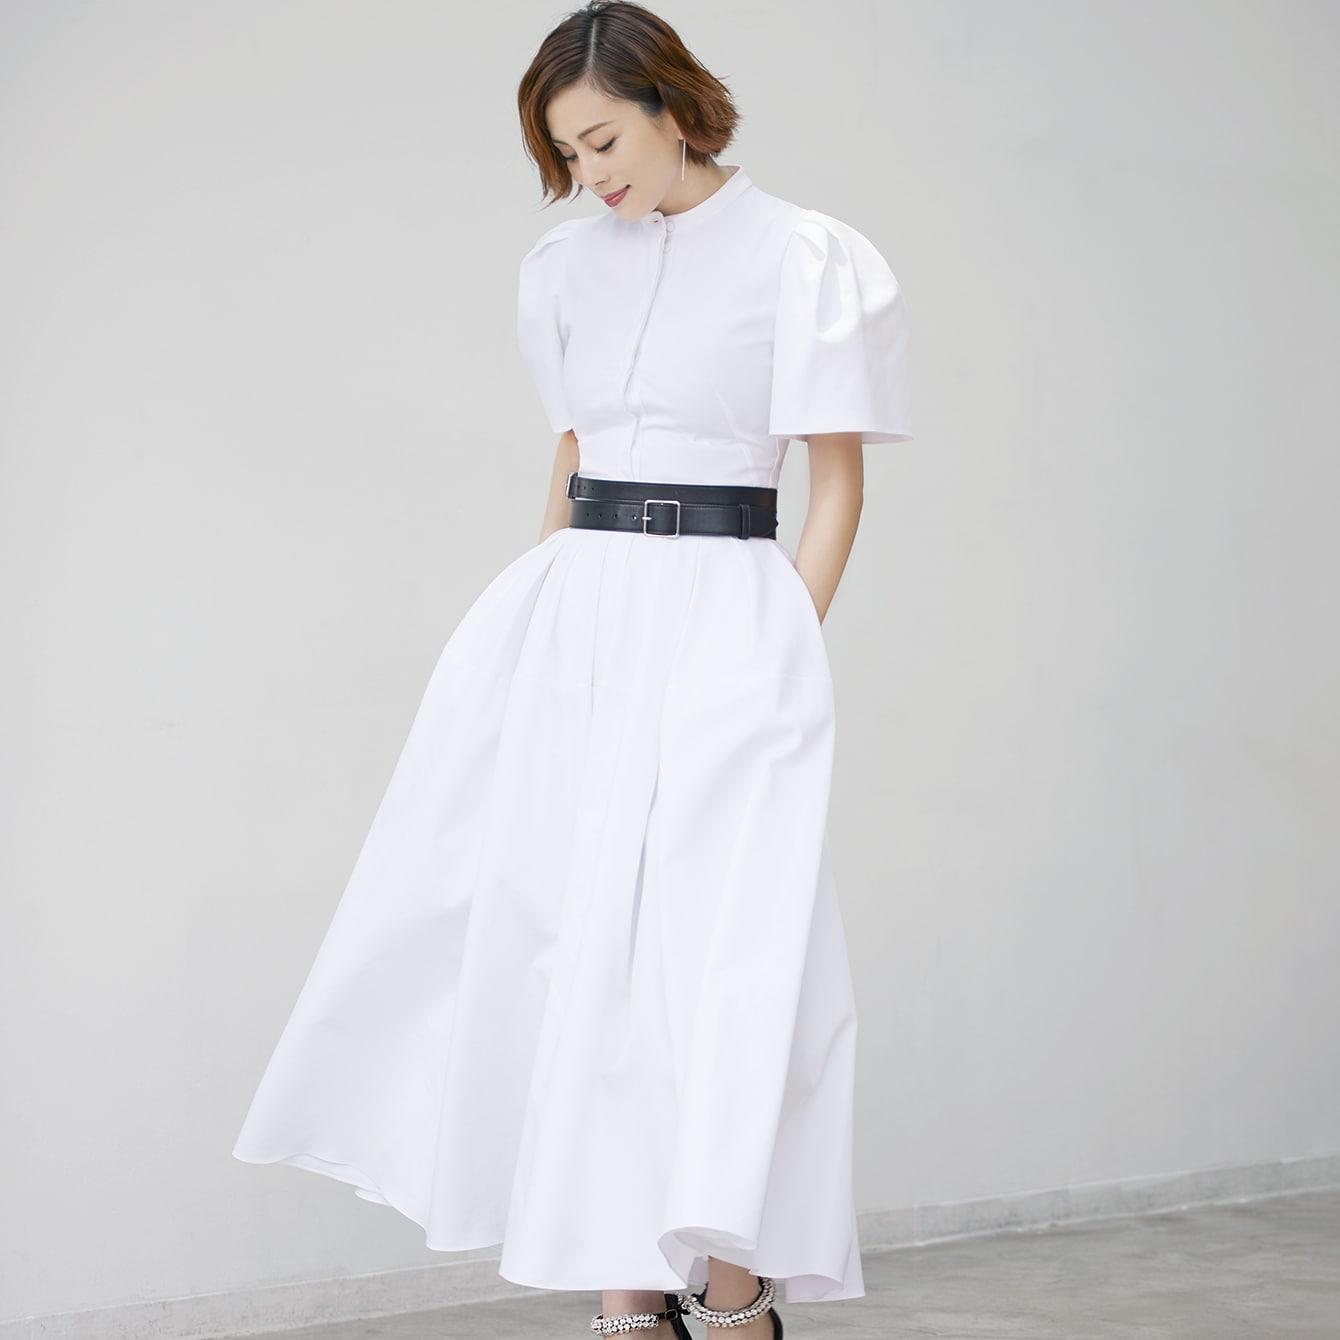 【米倉涼子20周年インタビュー】強く完璧な女性像とは違う、下積み時代